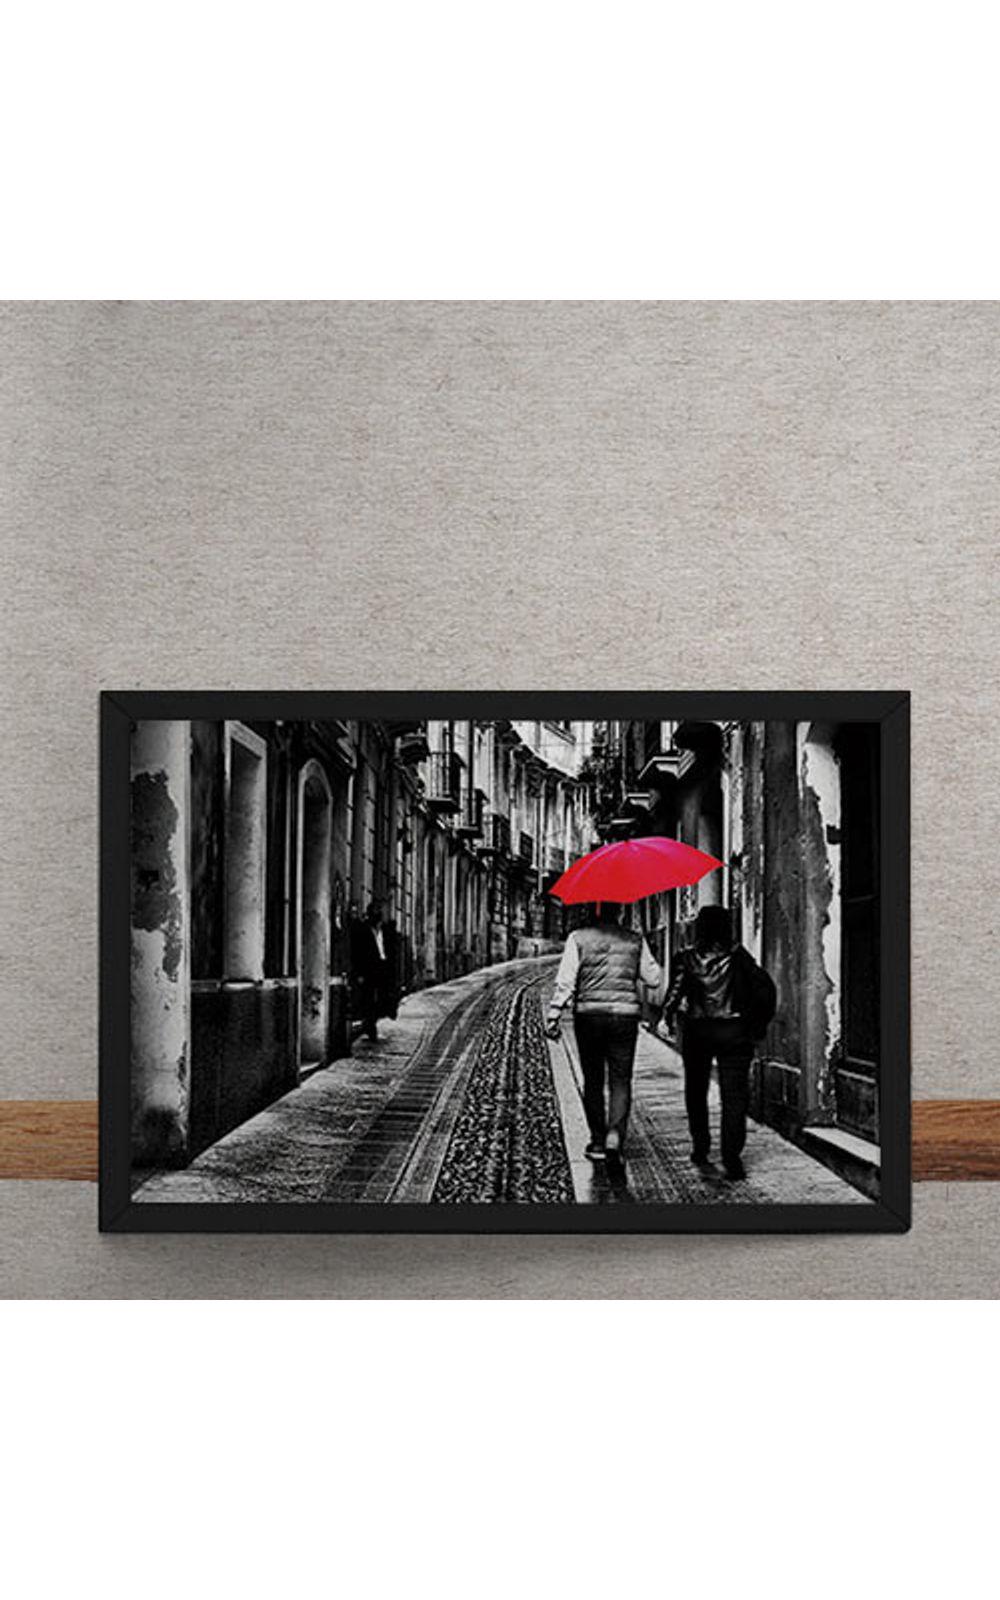 Foto 3 - Quadro Decorativo Casal do Guarda Chuva Vermelho